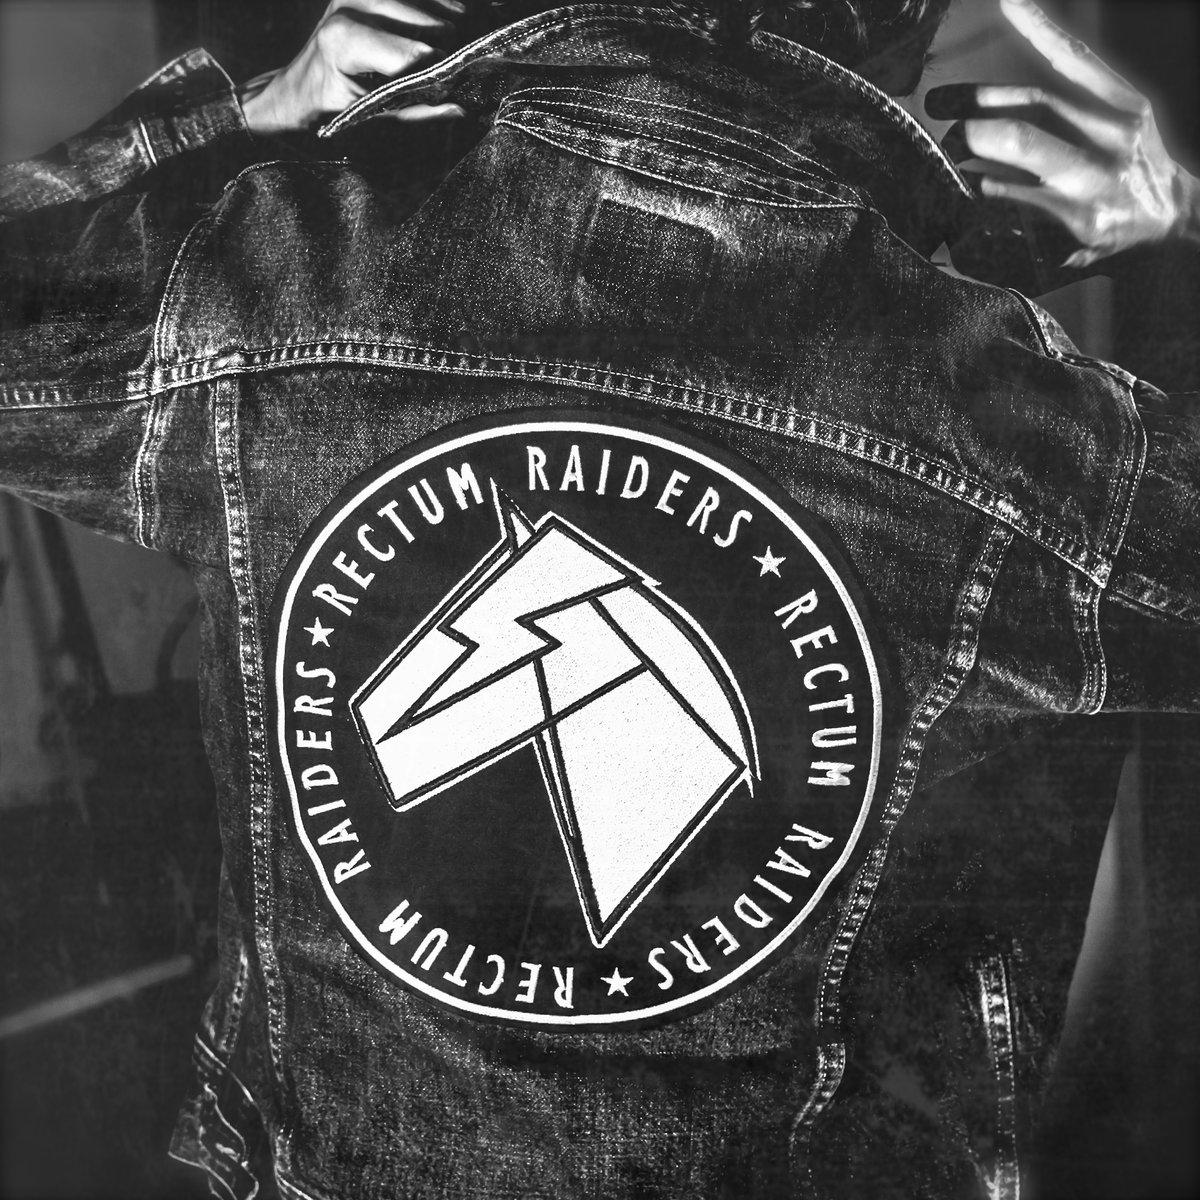 Rectum Raiders – Rectum Raiders